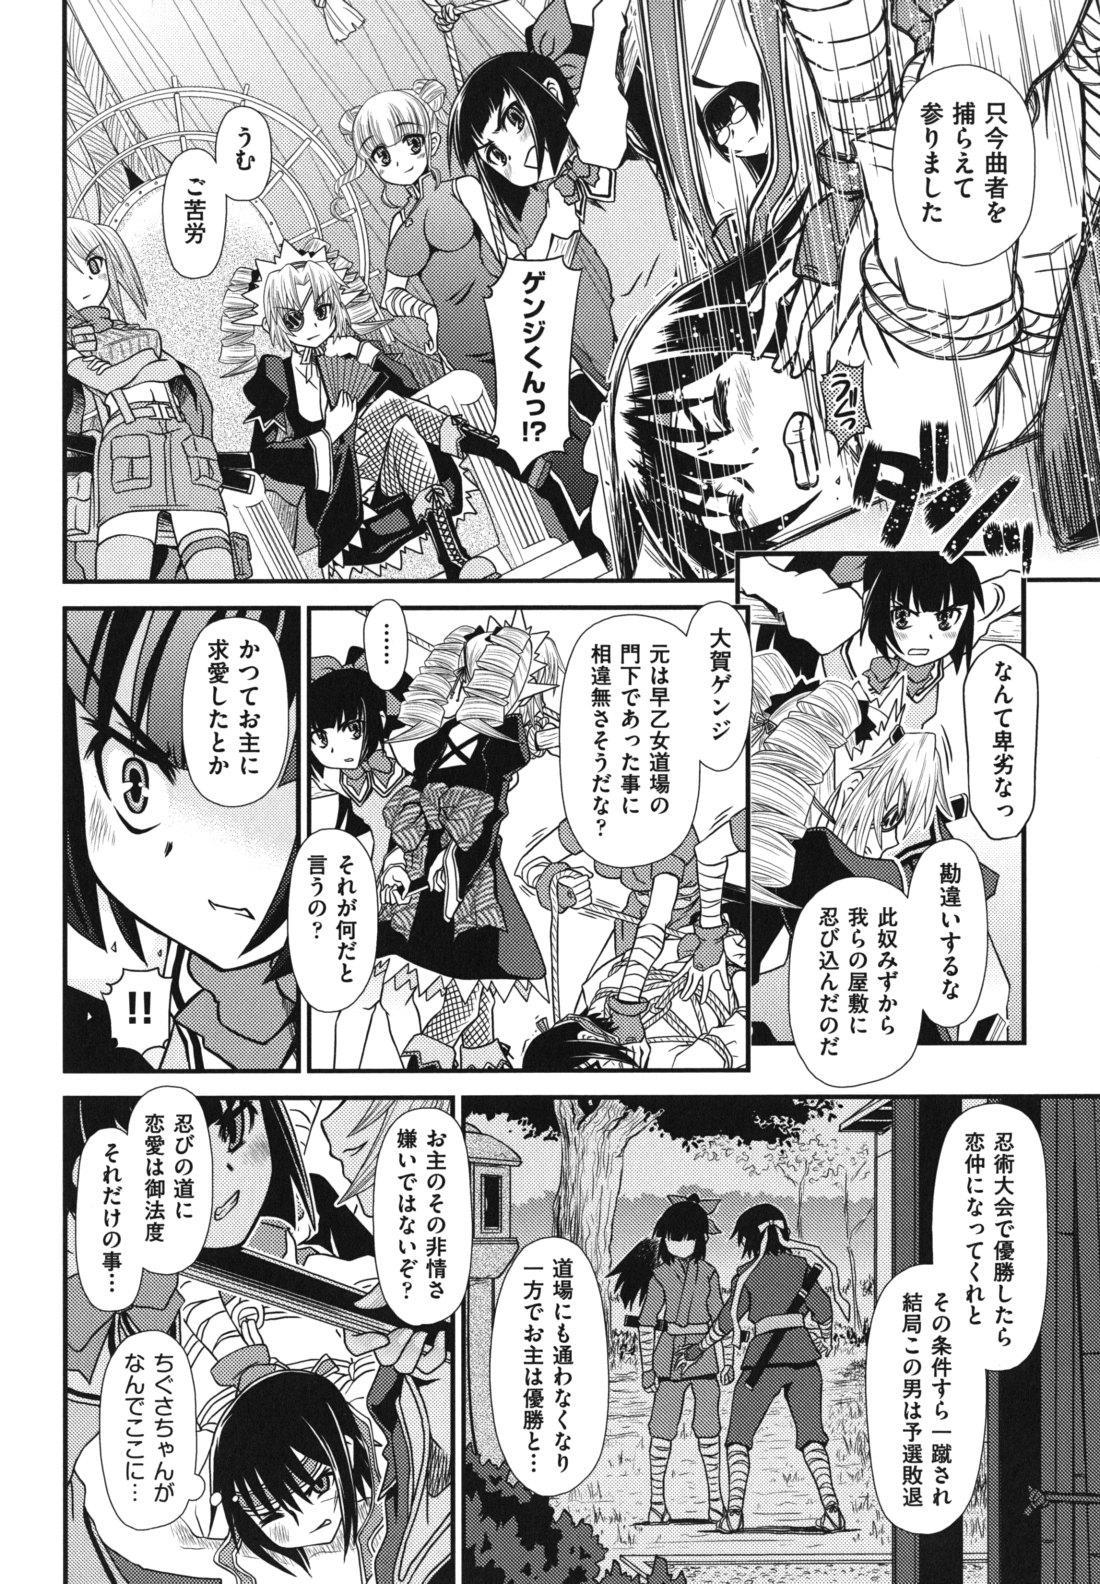 Twintail de Kneesocks no Onnanoko tachi ga Kyakkya de Ufufu♥ 56